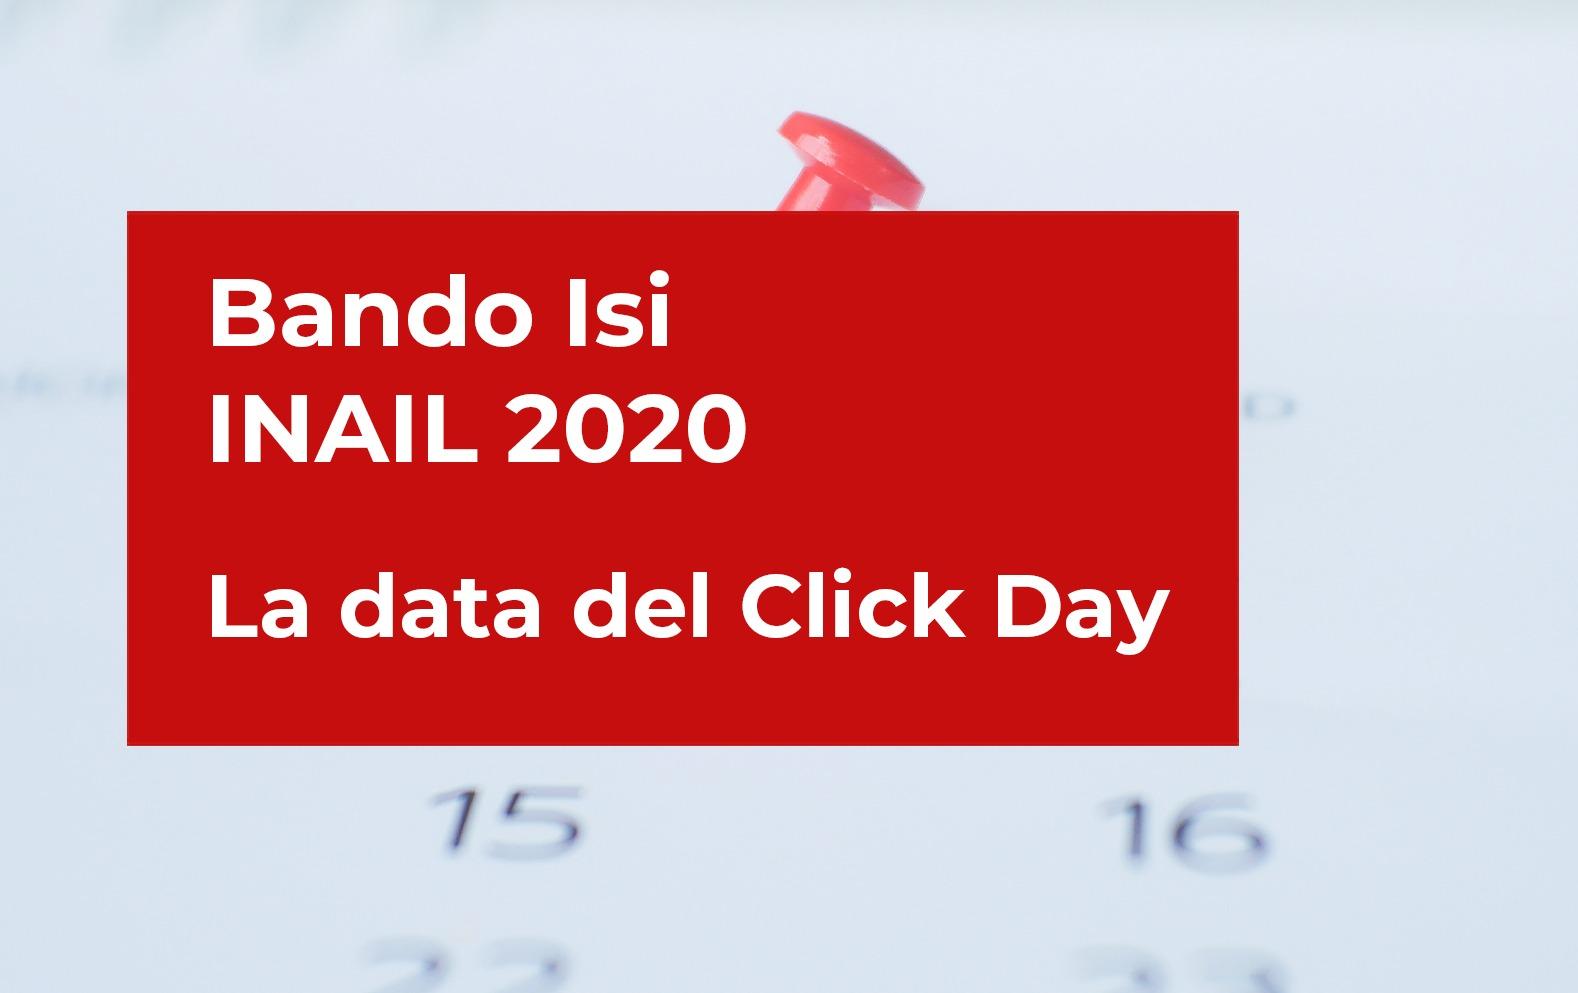 Bando Isi INAIL 2020: le date